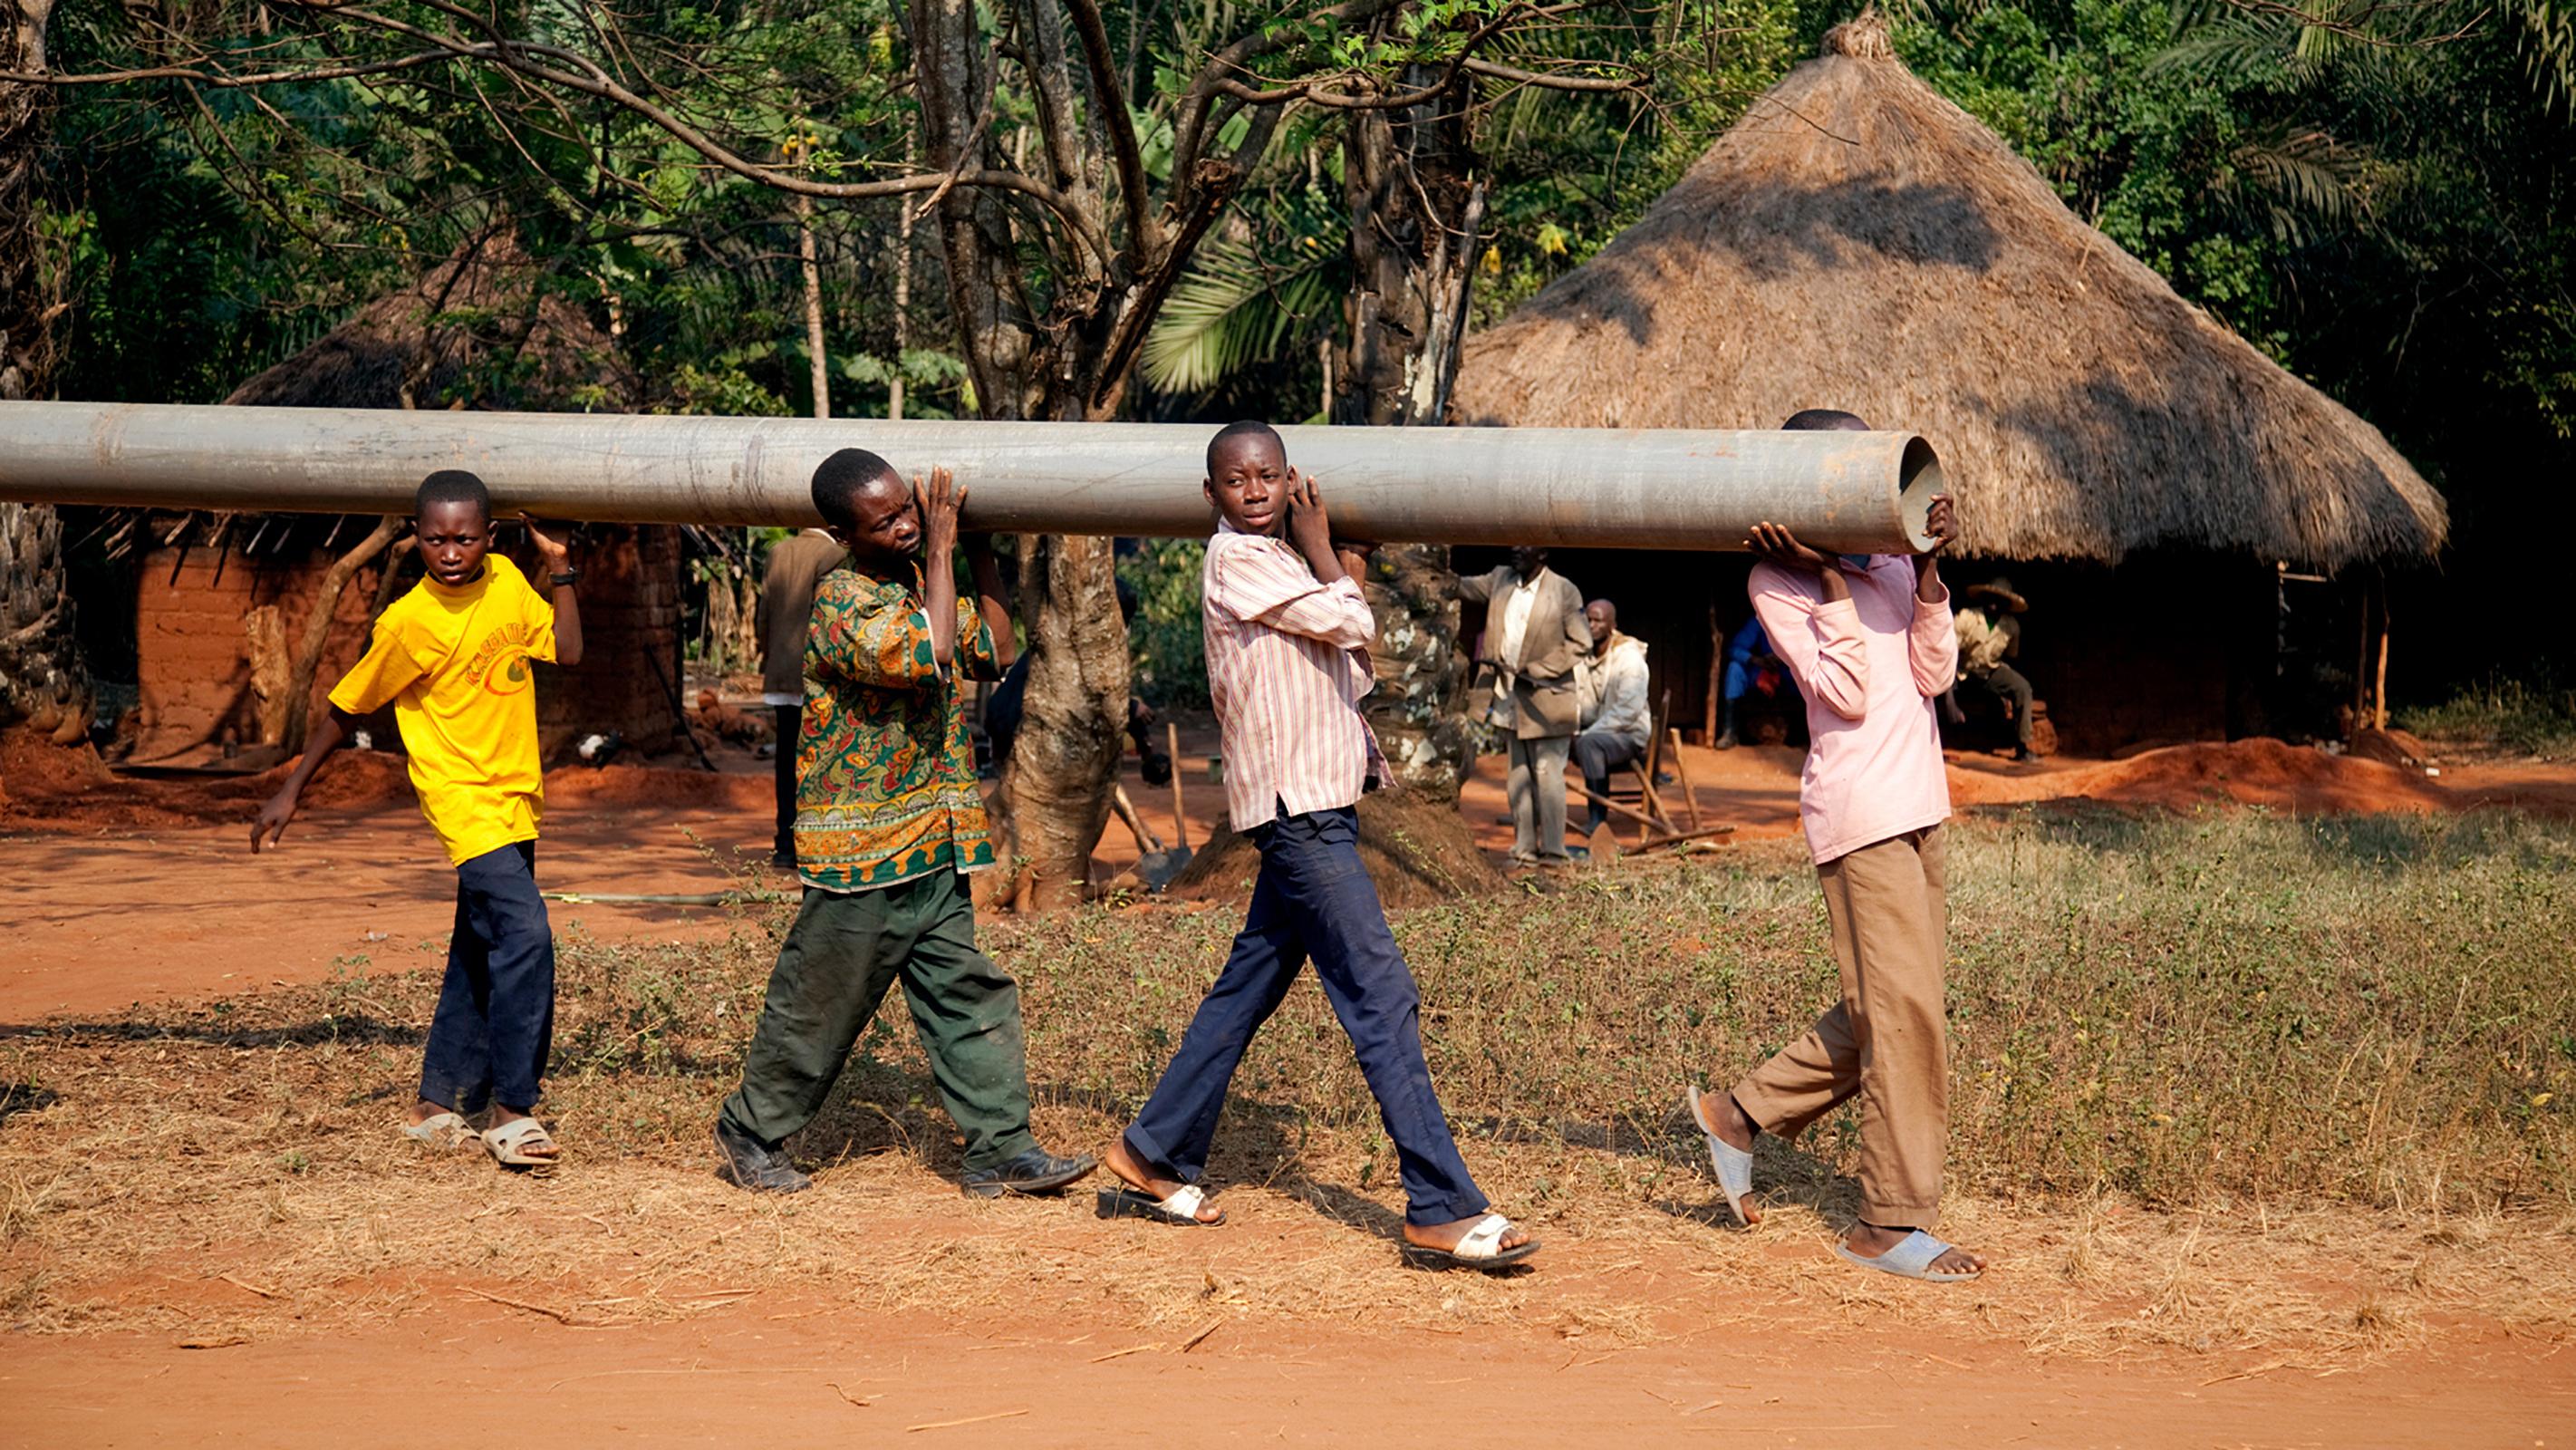 congo-welfare-media-trip-2010-750182-wallpaper Угандад хөрсний гулгалт болж 25 хүн амь үрэгджээ